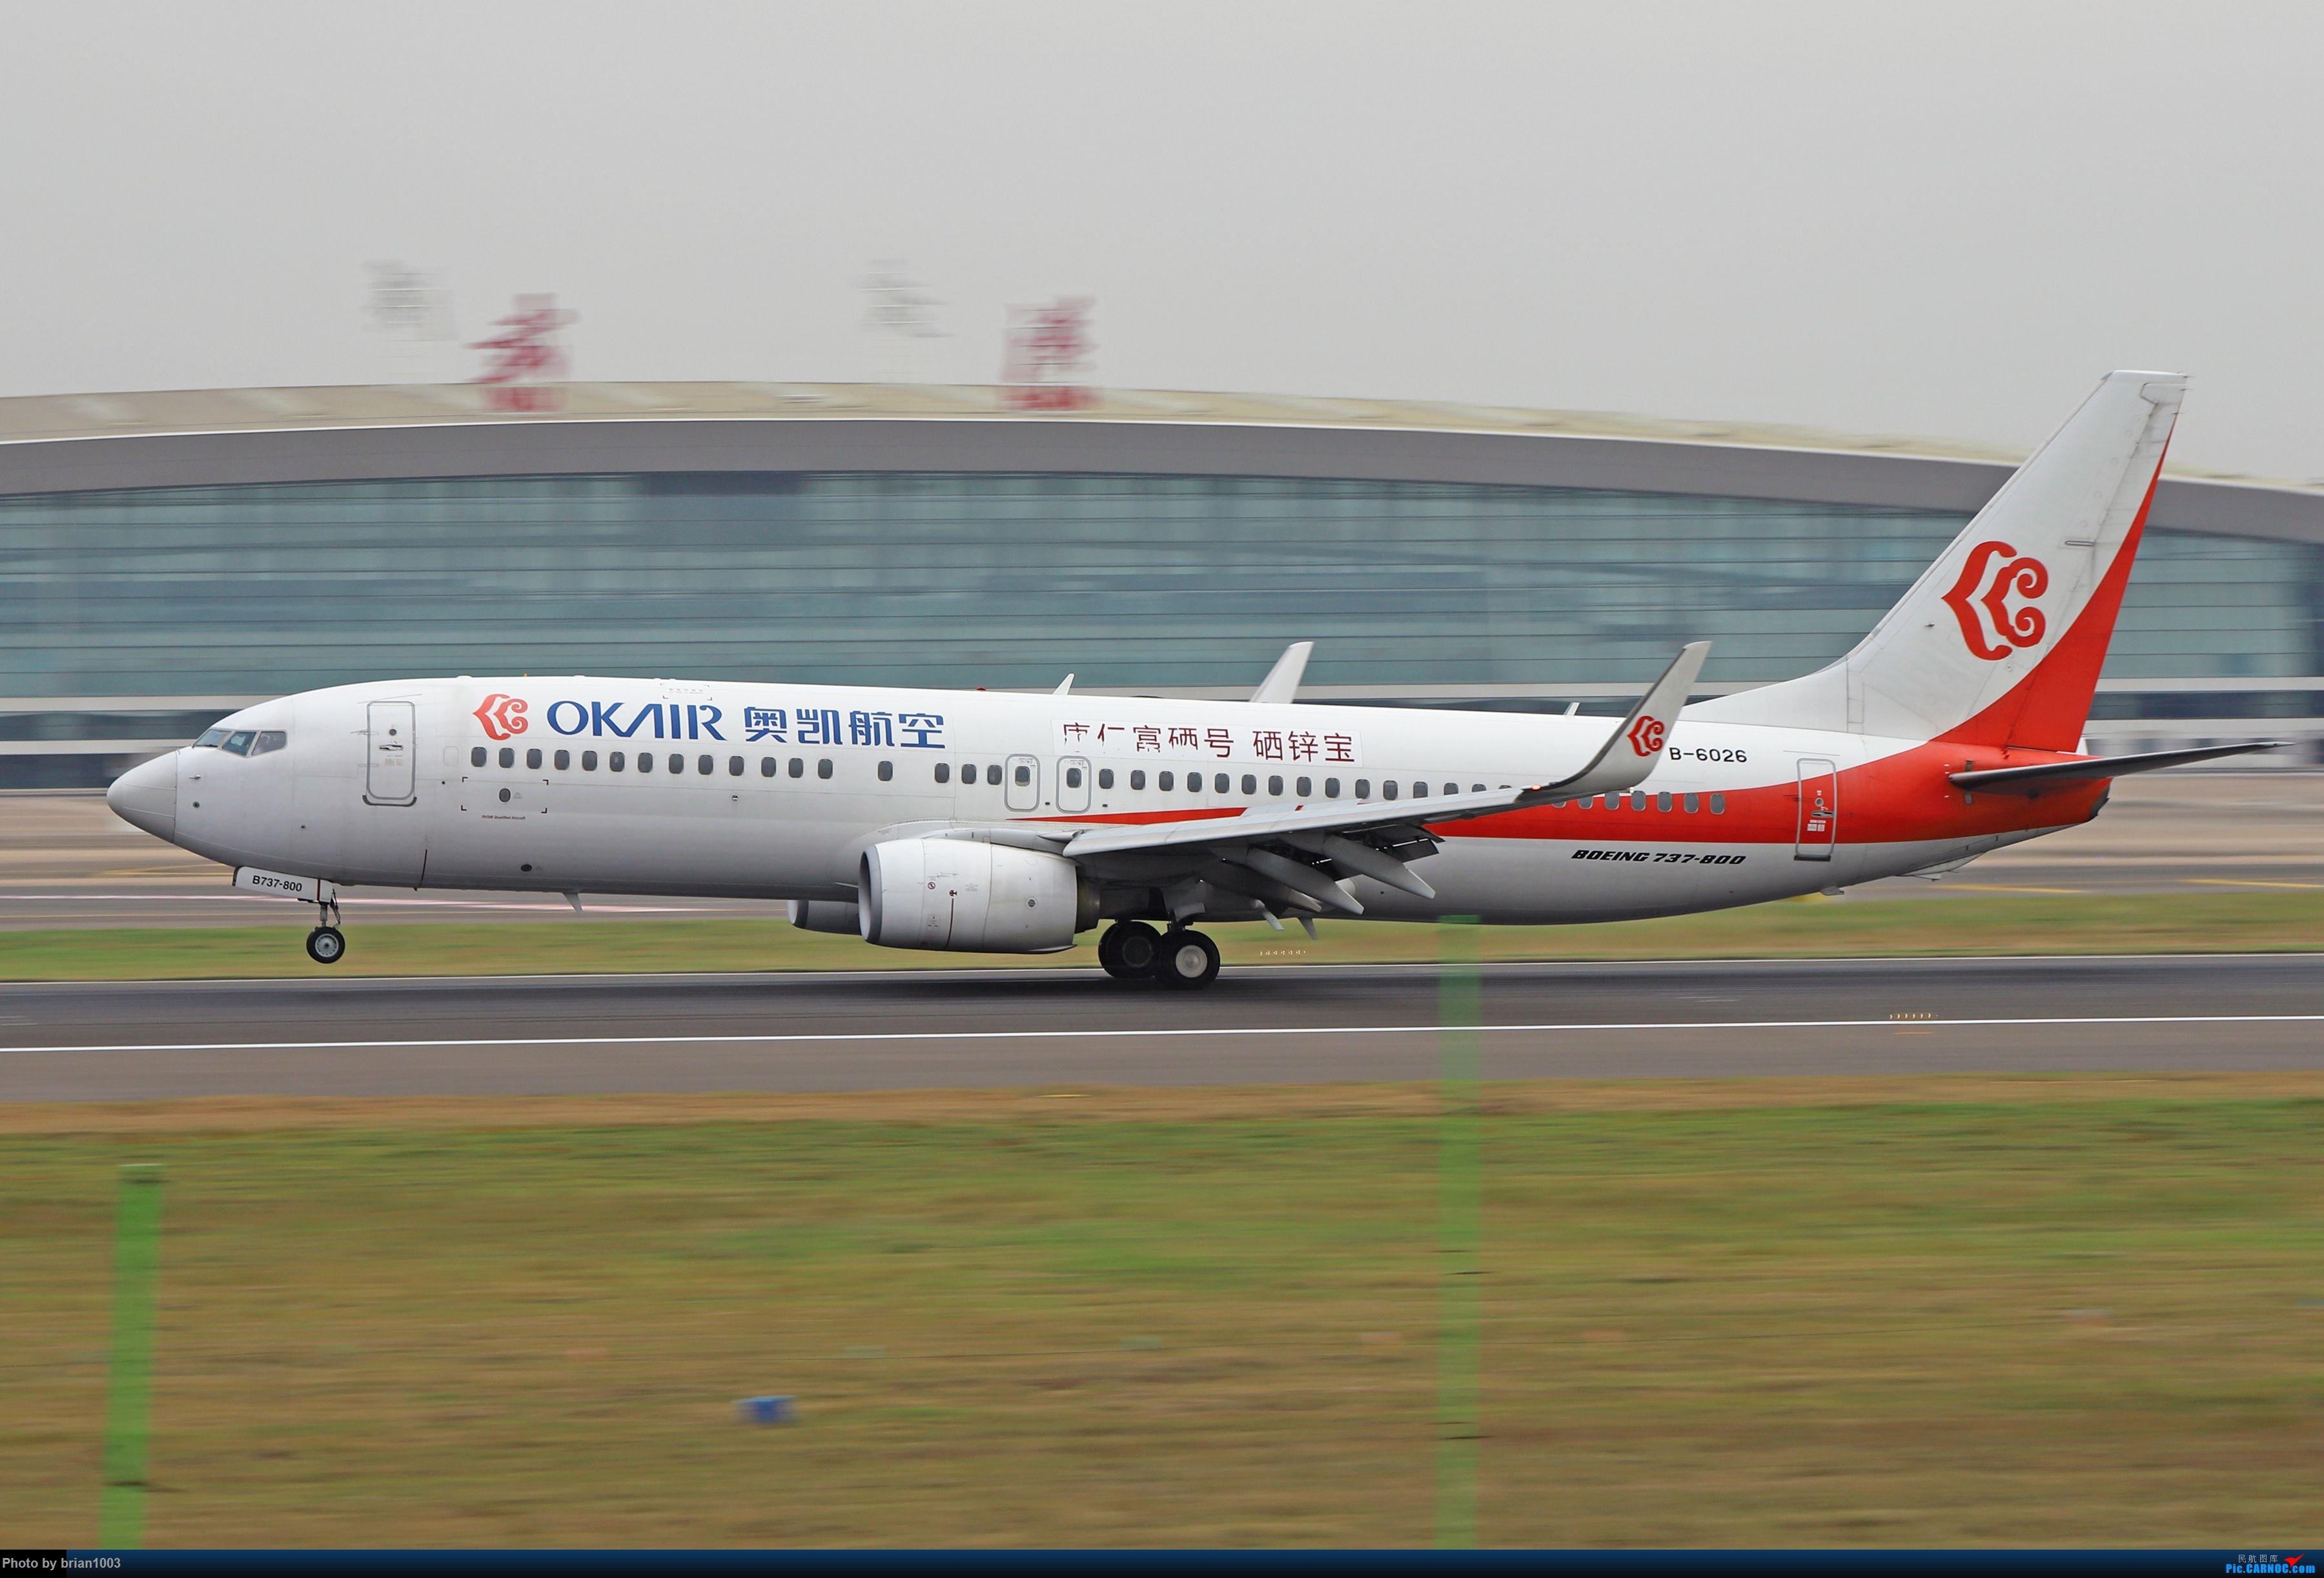 Re:[原创]WUH天河机场拍机之十一月(菲律宾皇家航空A319) BOEING 737-800 B-6026 中国武汉天河国际机场